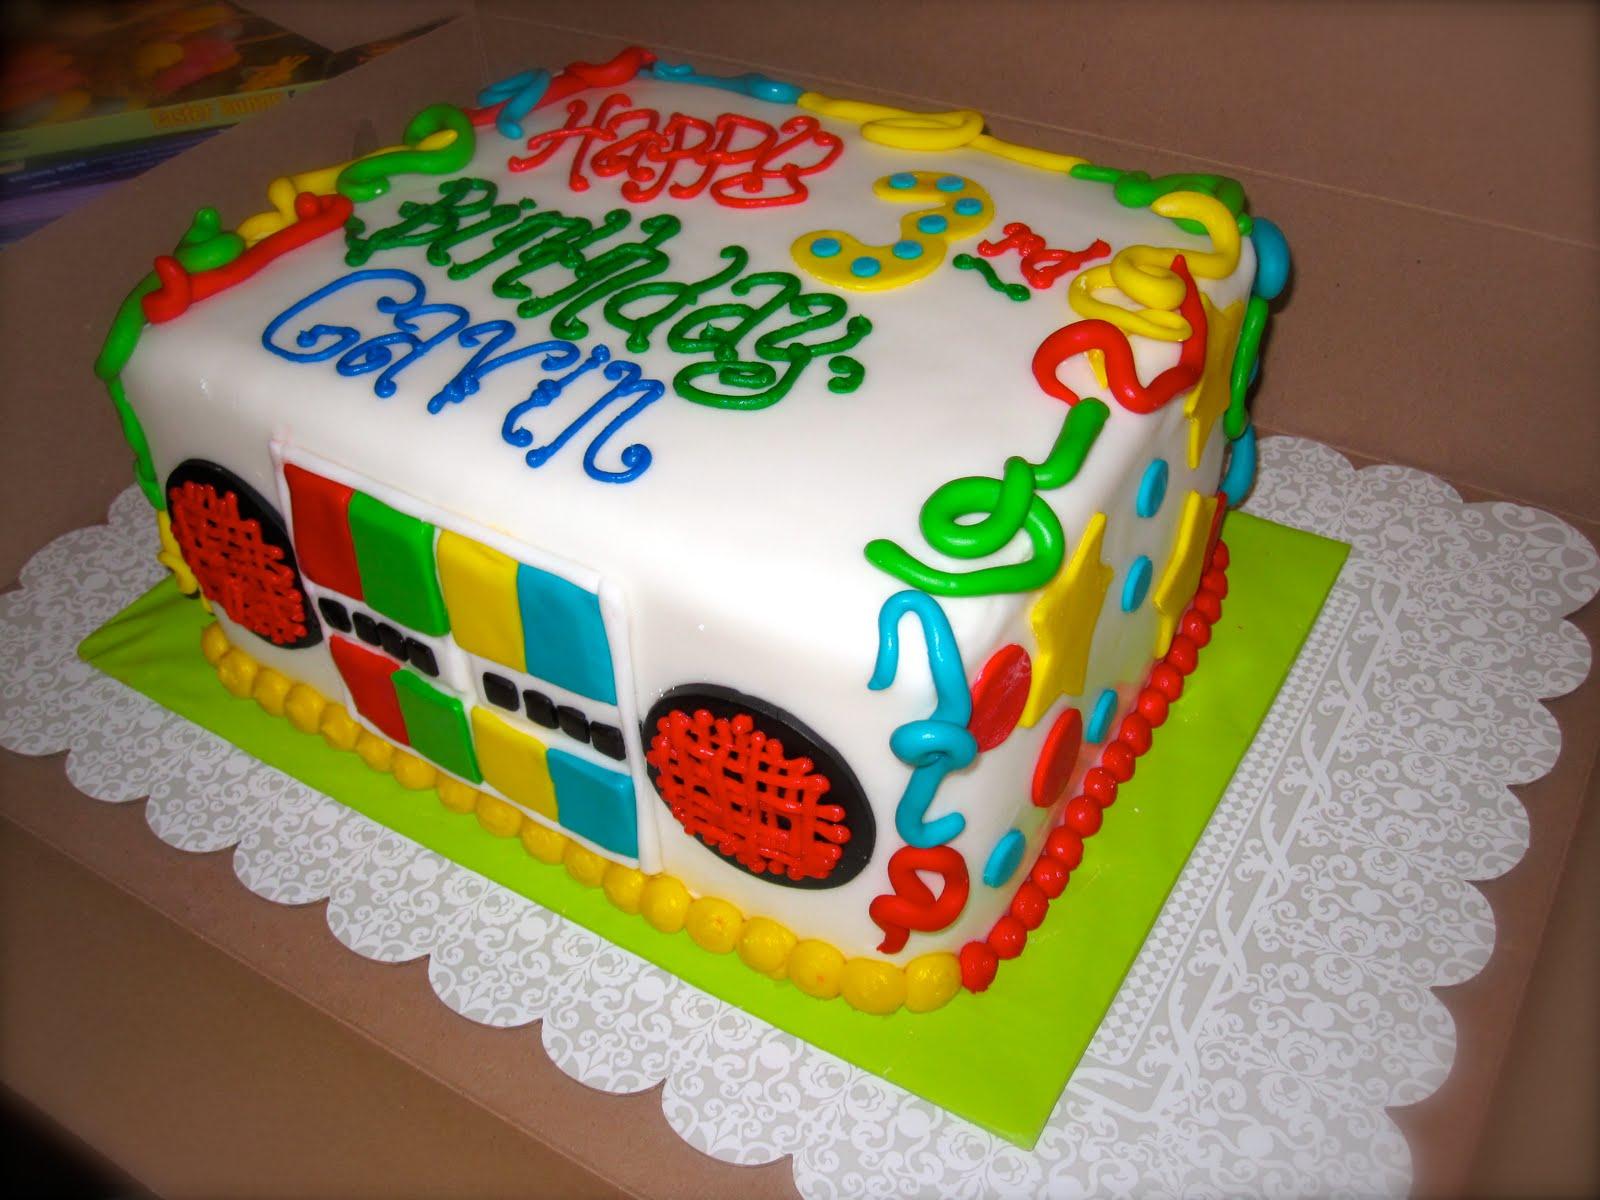 10 Gorgeous Yo Gabba Gabba Cakes Ideas yo gabba gabba cake decorations 6 yo gabba gabba party supplies and 4 2020